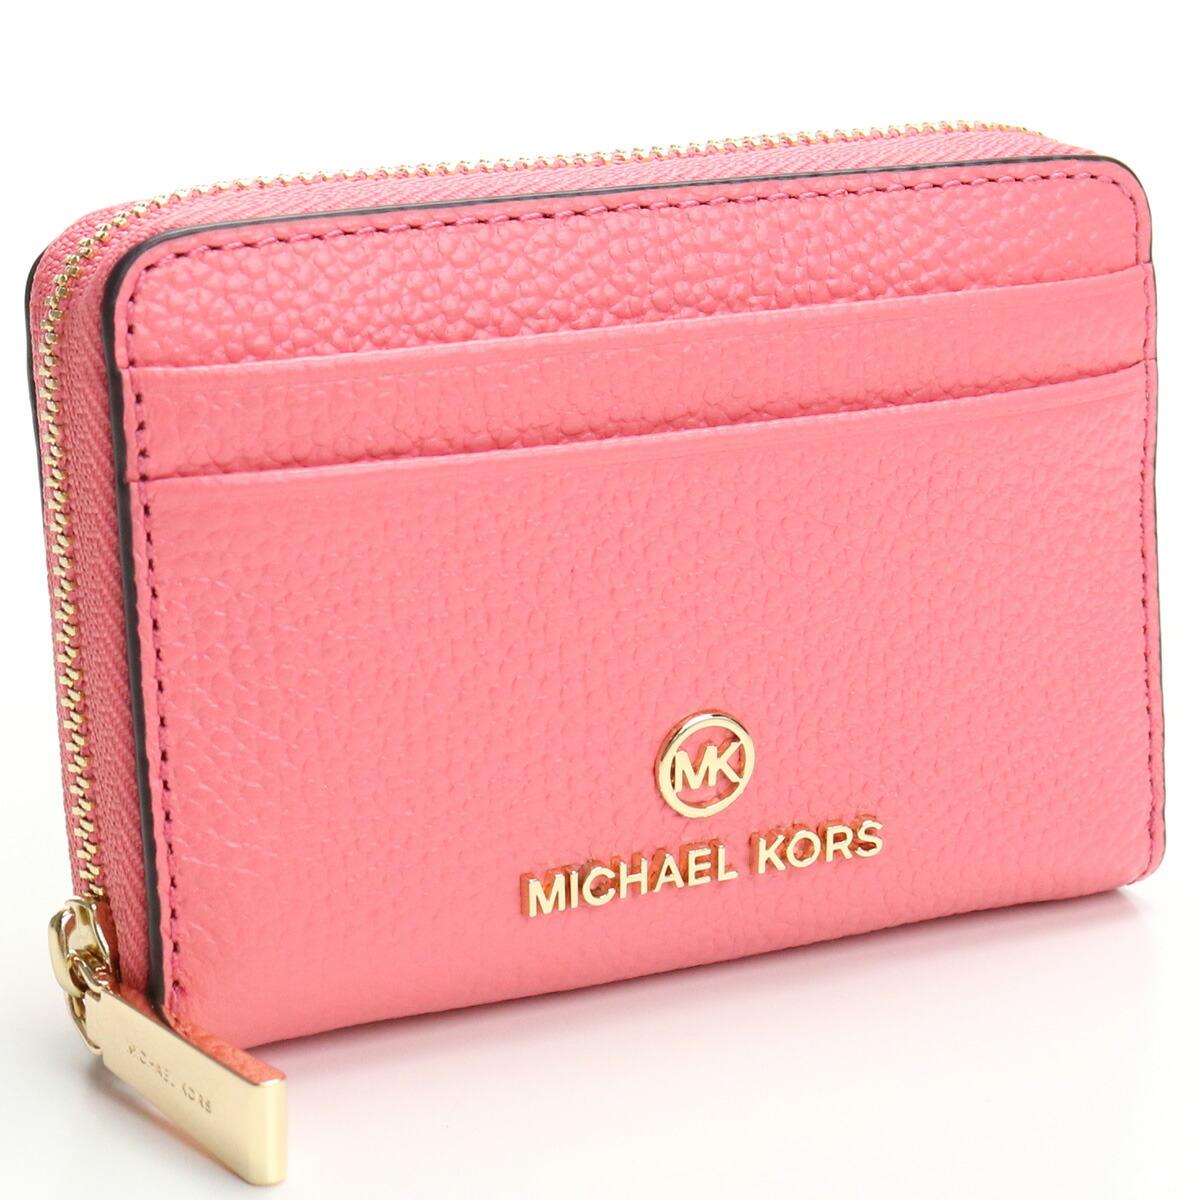 マイケル・コース MICHAEL KORS JET SET CHARM 小銭入れ ブランド小銭入 34S1GT9Z1L 644 TEA ROSE ピンク系